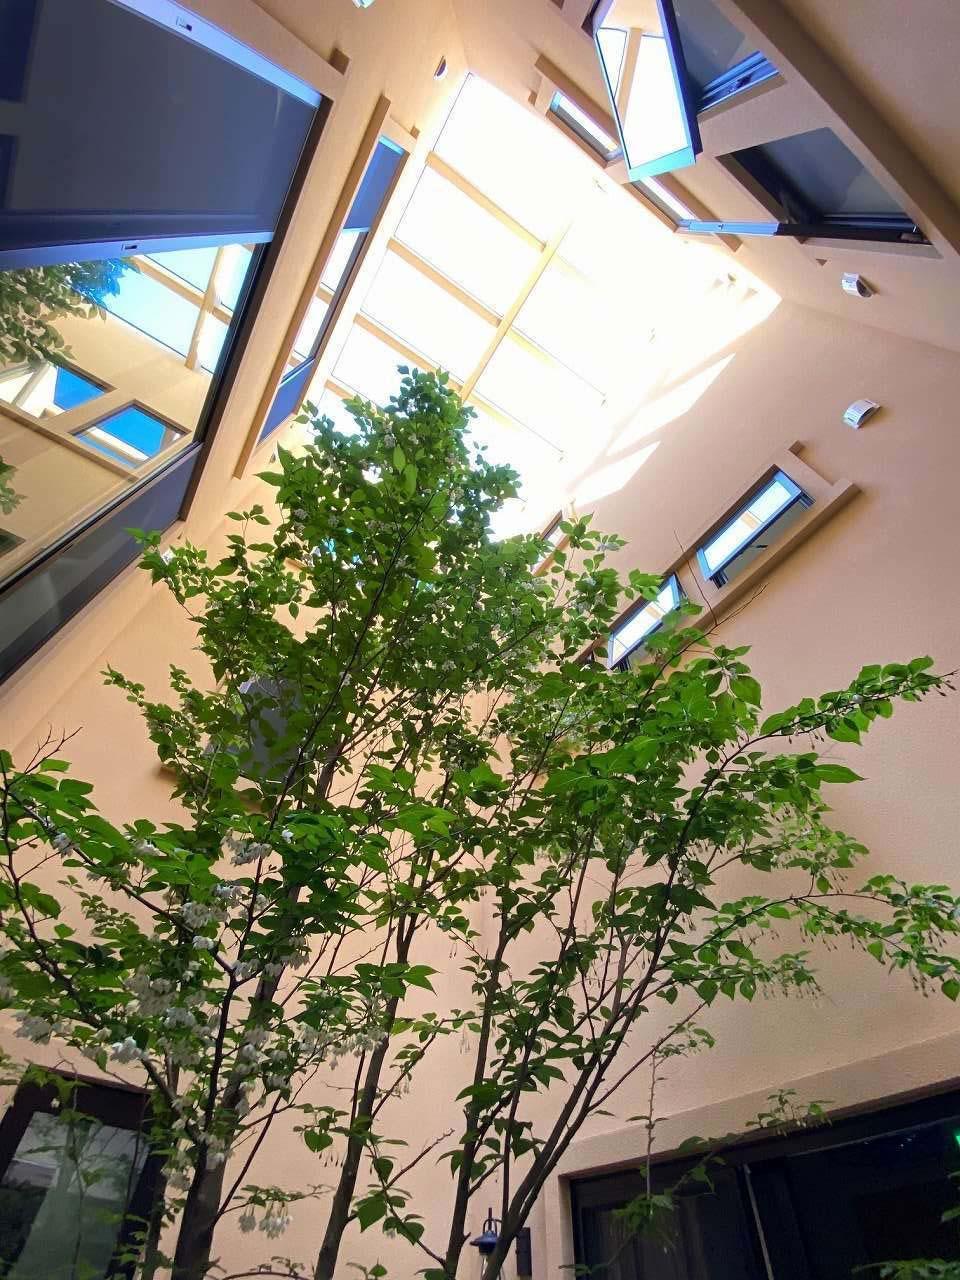 ツリーズ【デザイン住宅、輸入住宅、建築家】トップライトから中庭に燦々と光が降り注ぐ。この中庭から視線が空へ抜けていく雰囲気もおもてなしのひとつ